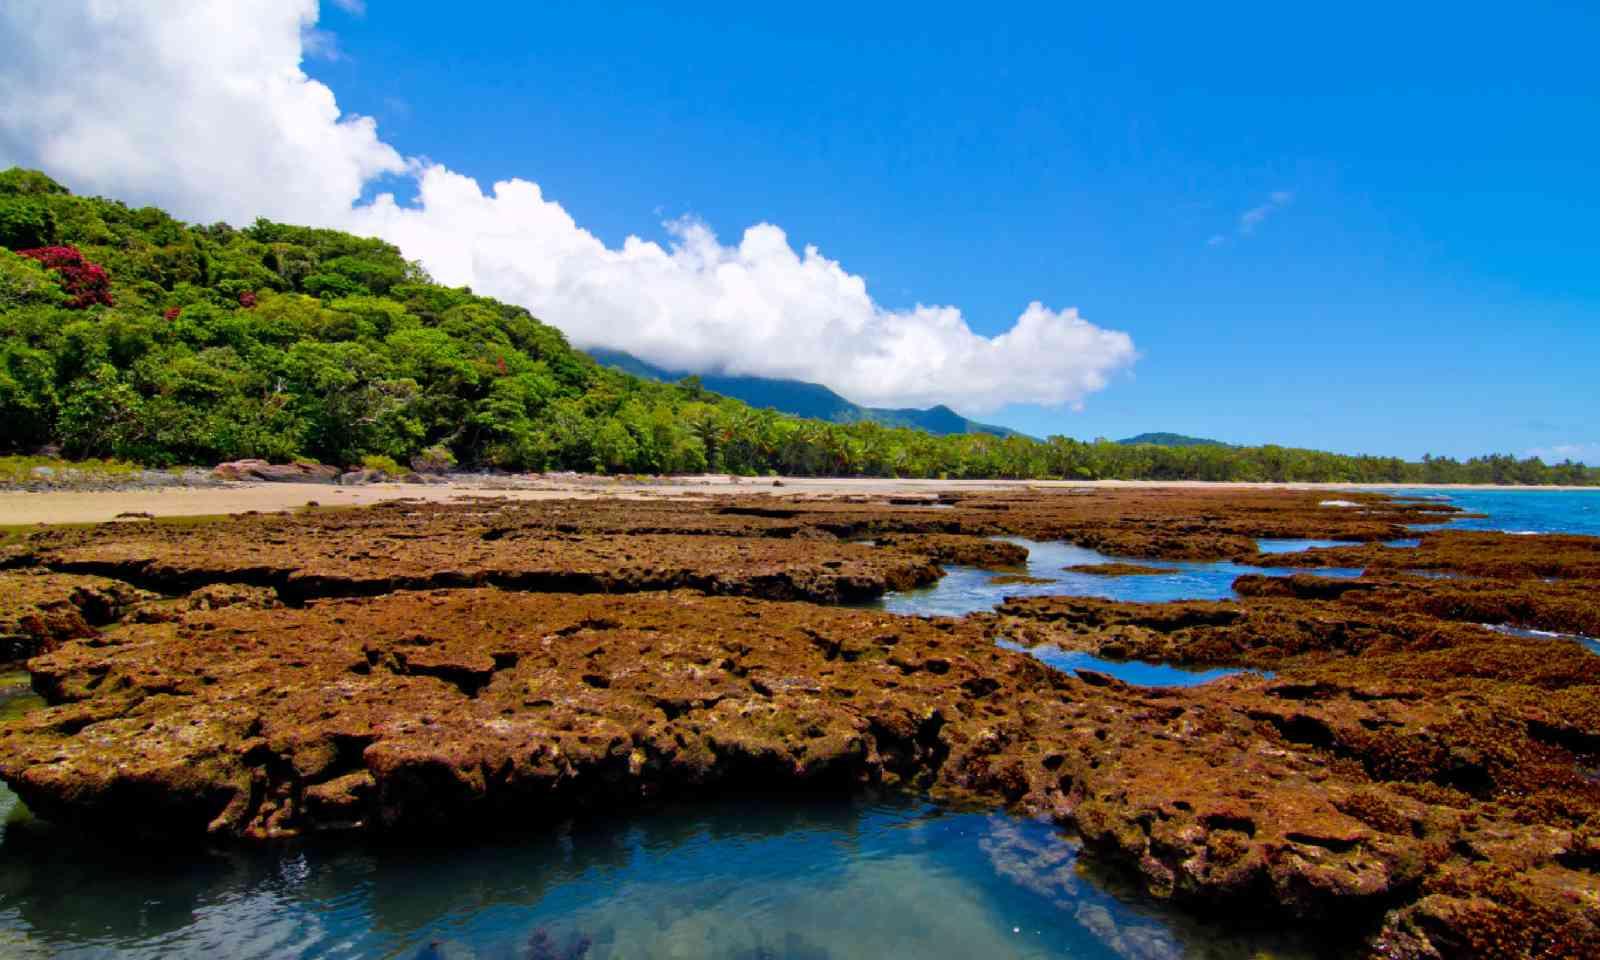 Daintree National Park (Shutterstock)